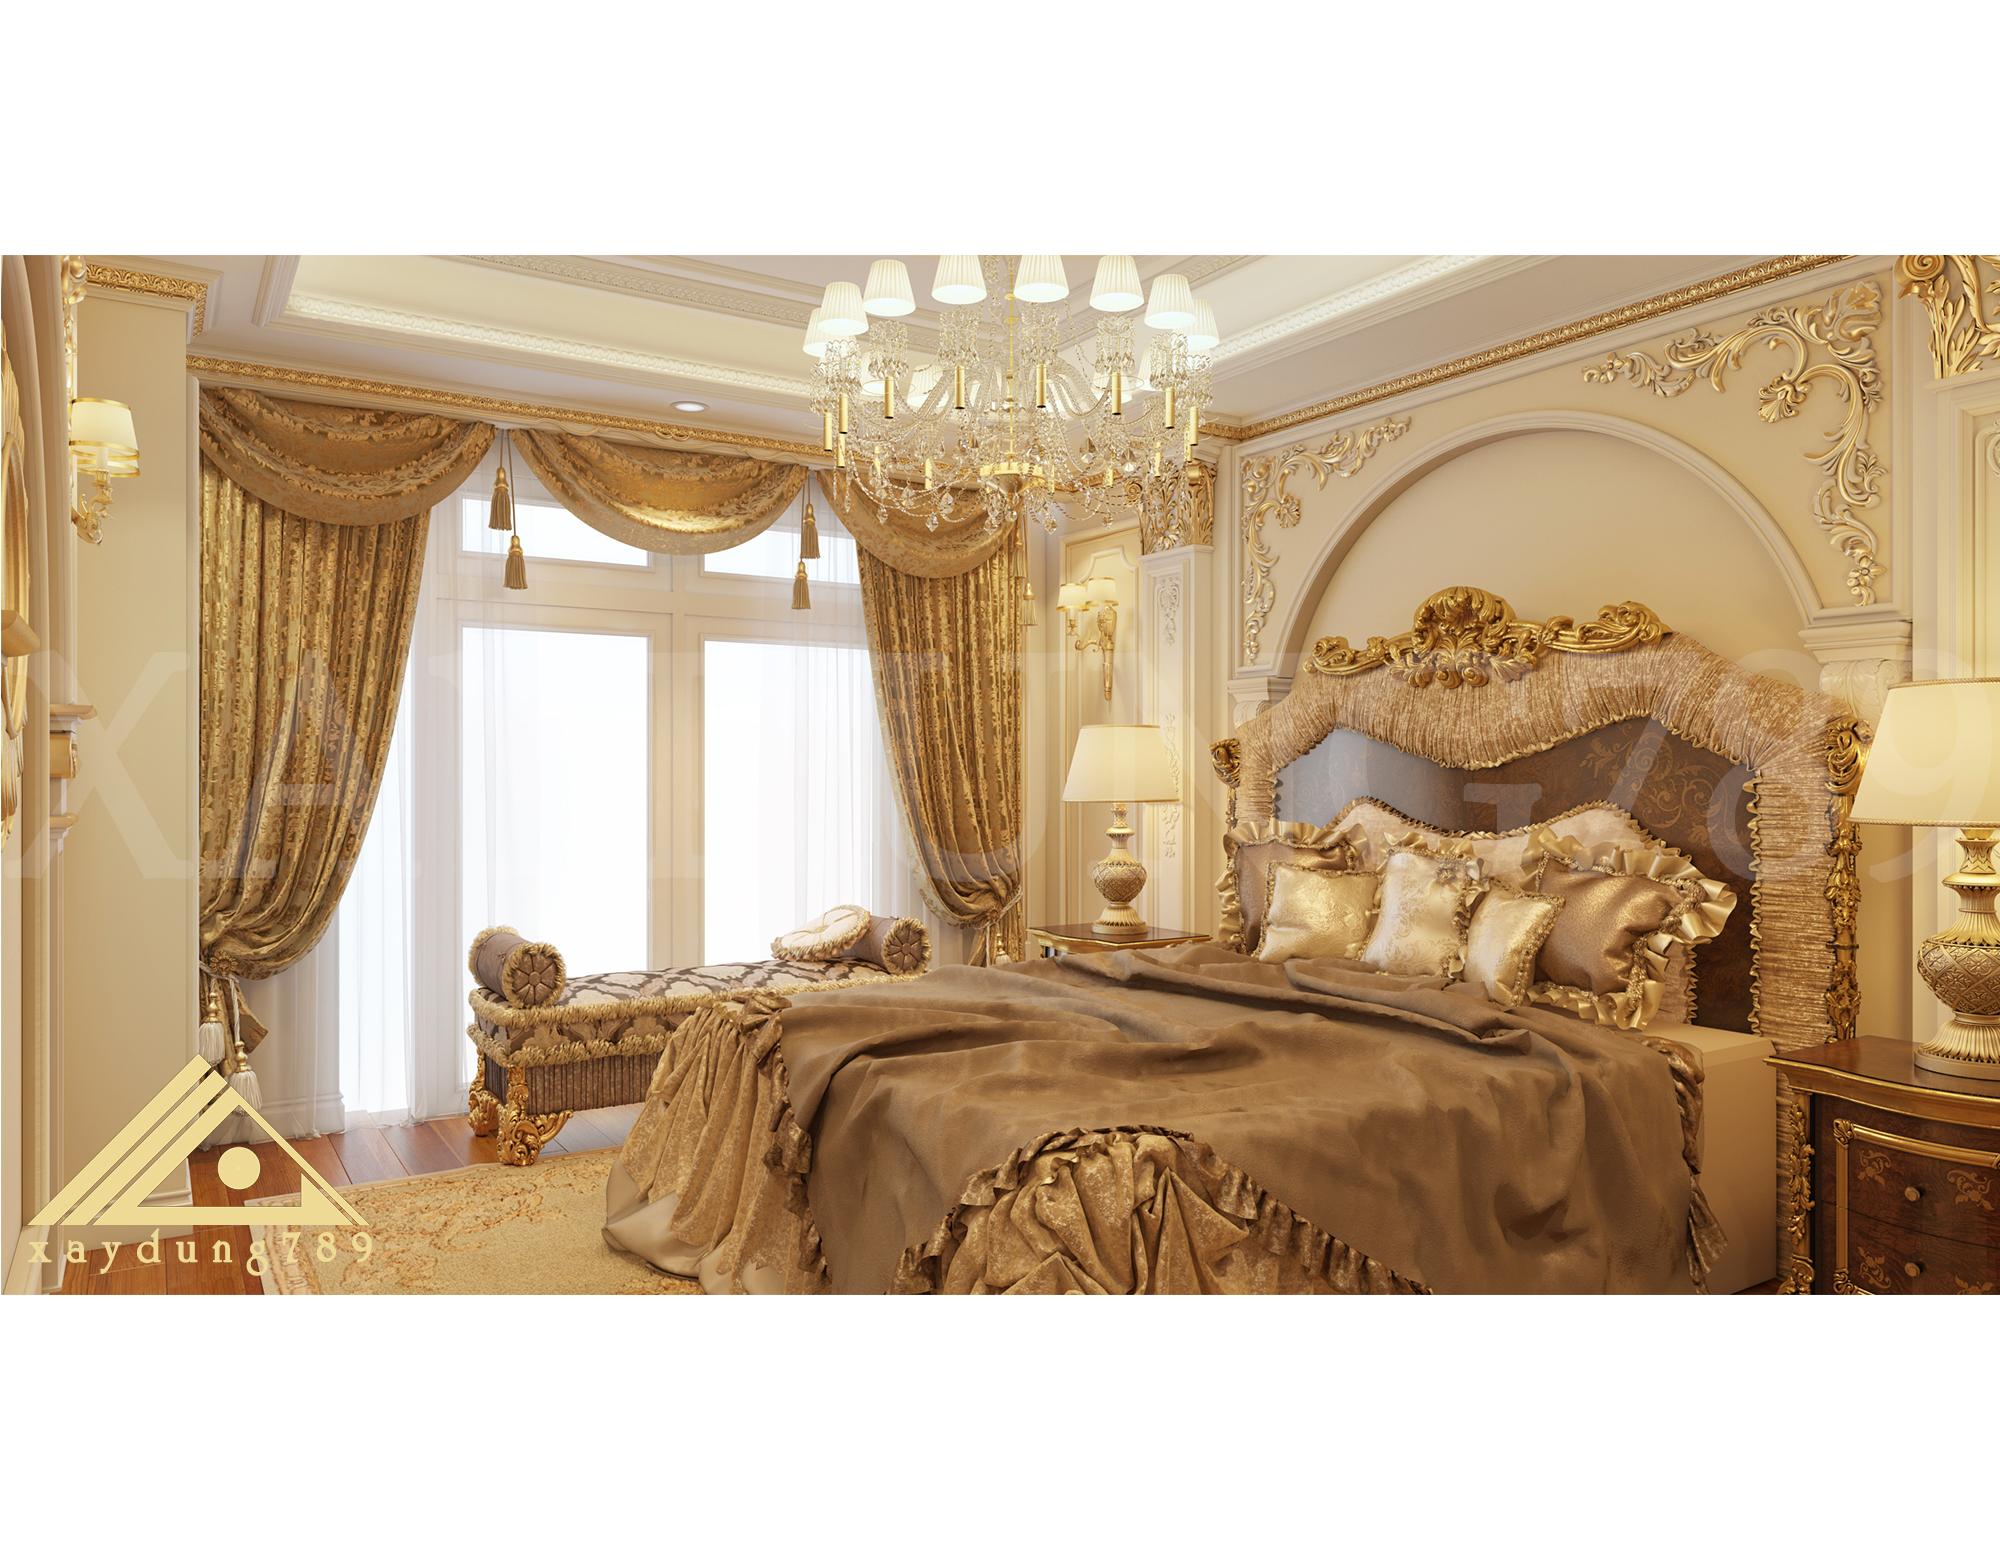 Những mẫu phòng ngủ VIP đẹp nhất cho khách sạn tân cổ điển 5 sao